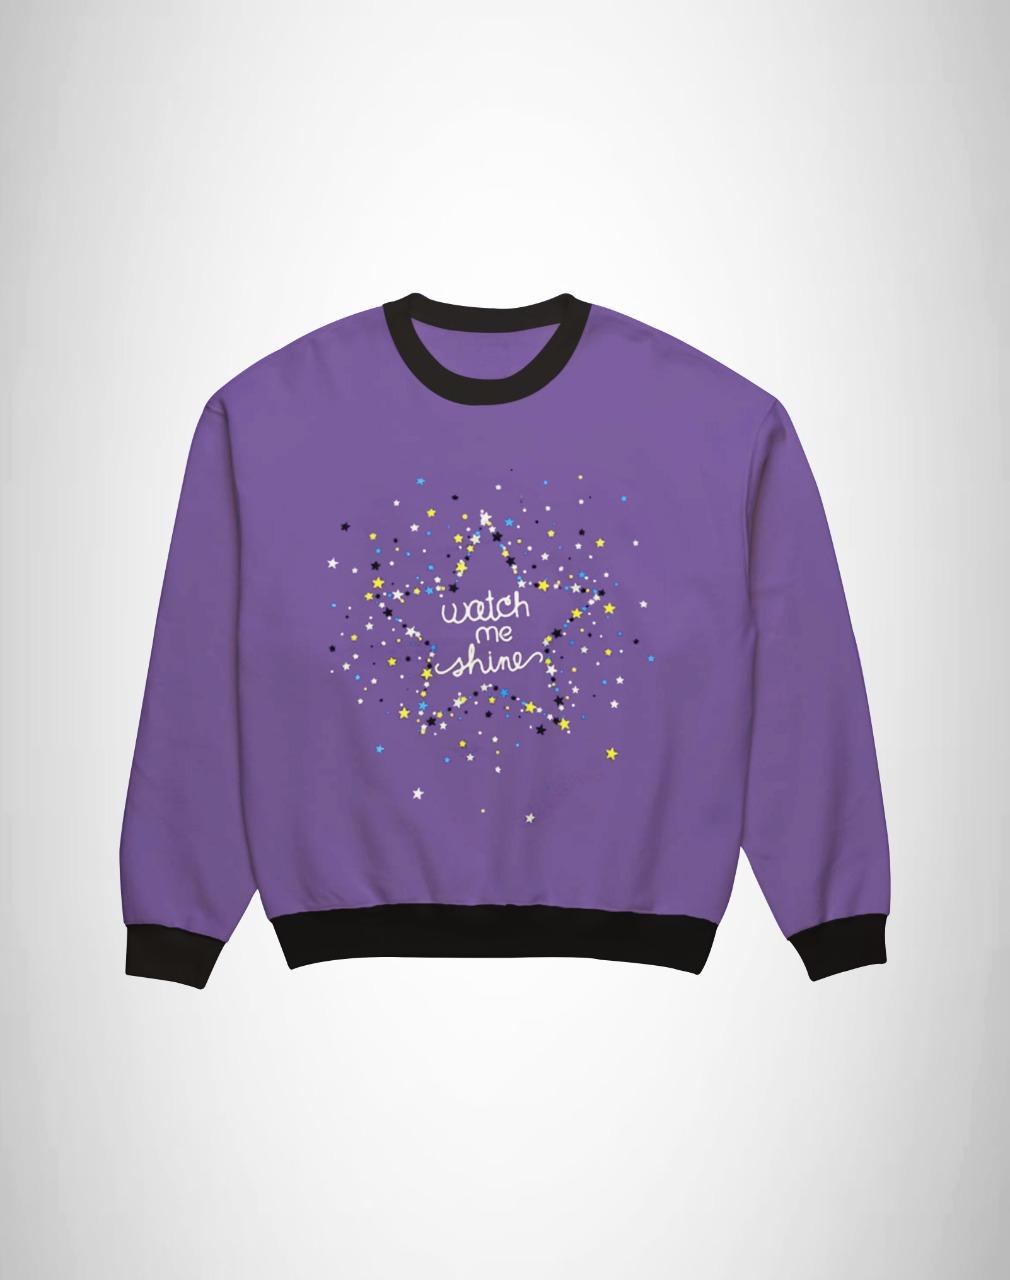 Kids premium sweatshirt for boys and girls.